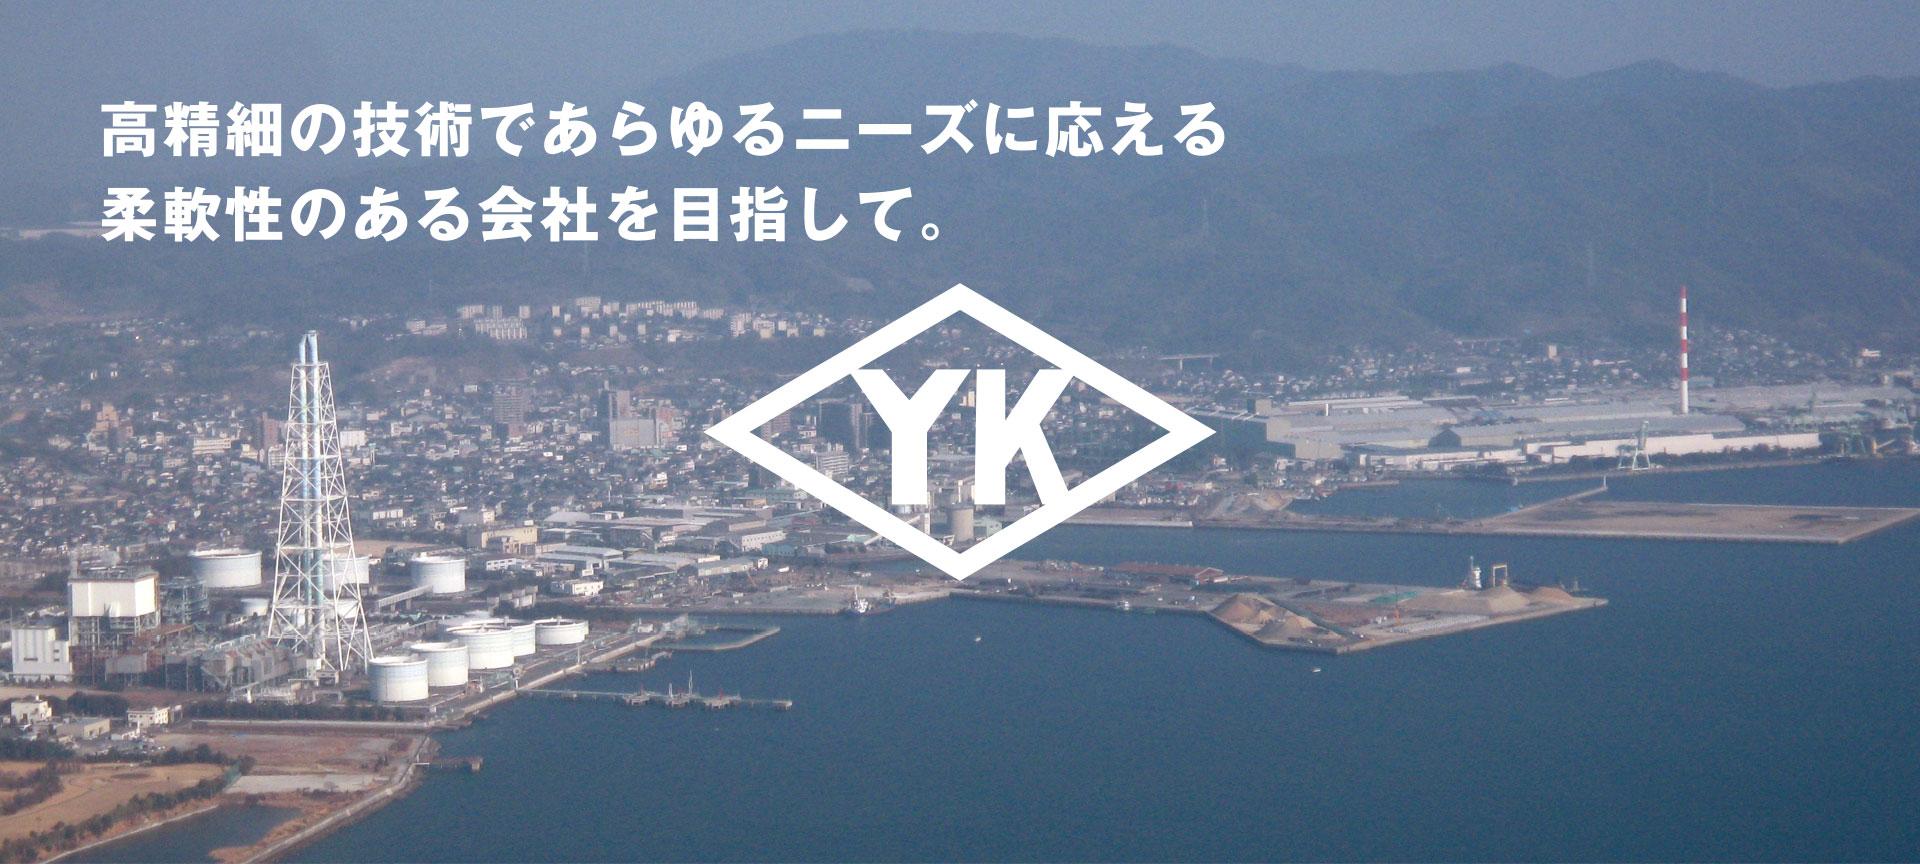 山口県下松市金井金属工業 高精細の技術であらゆるニーズに応える柔軟性のある会社を目指して